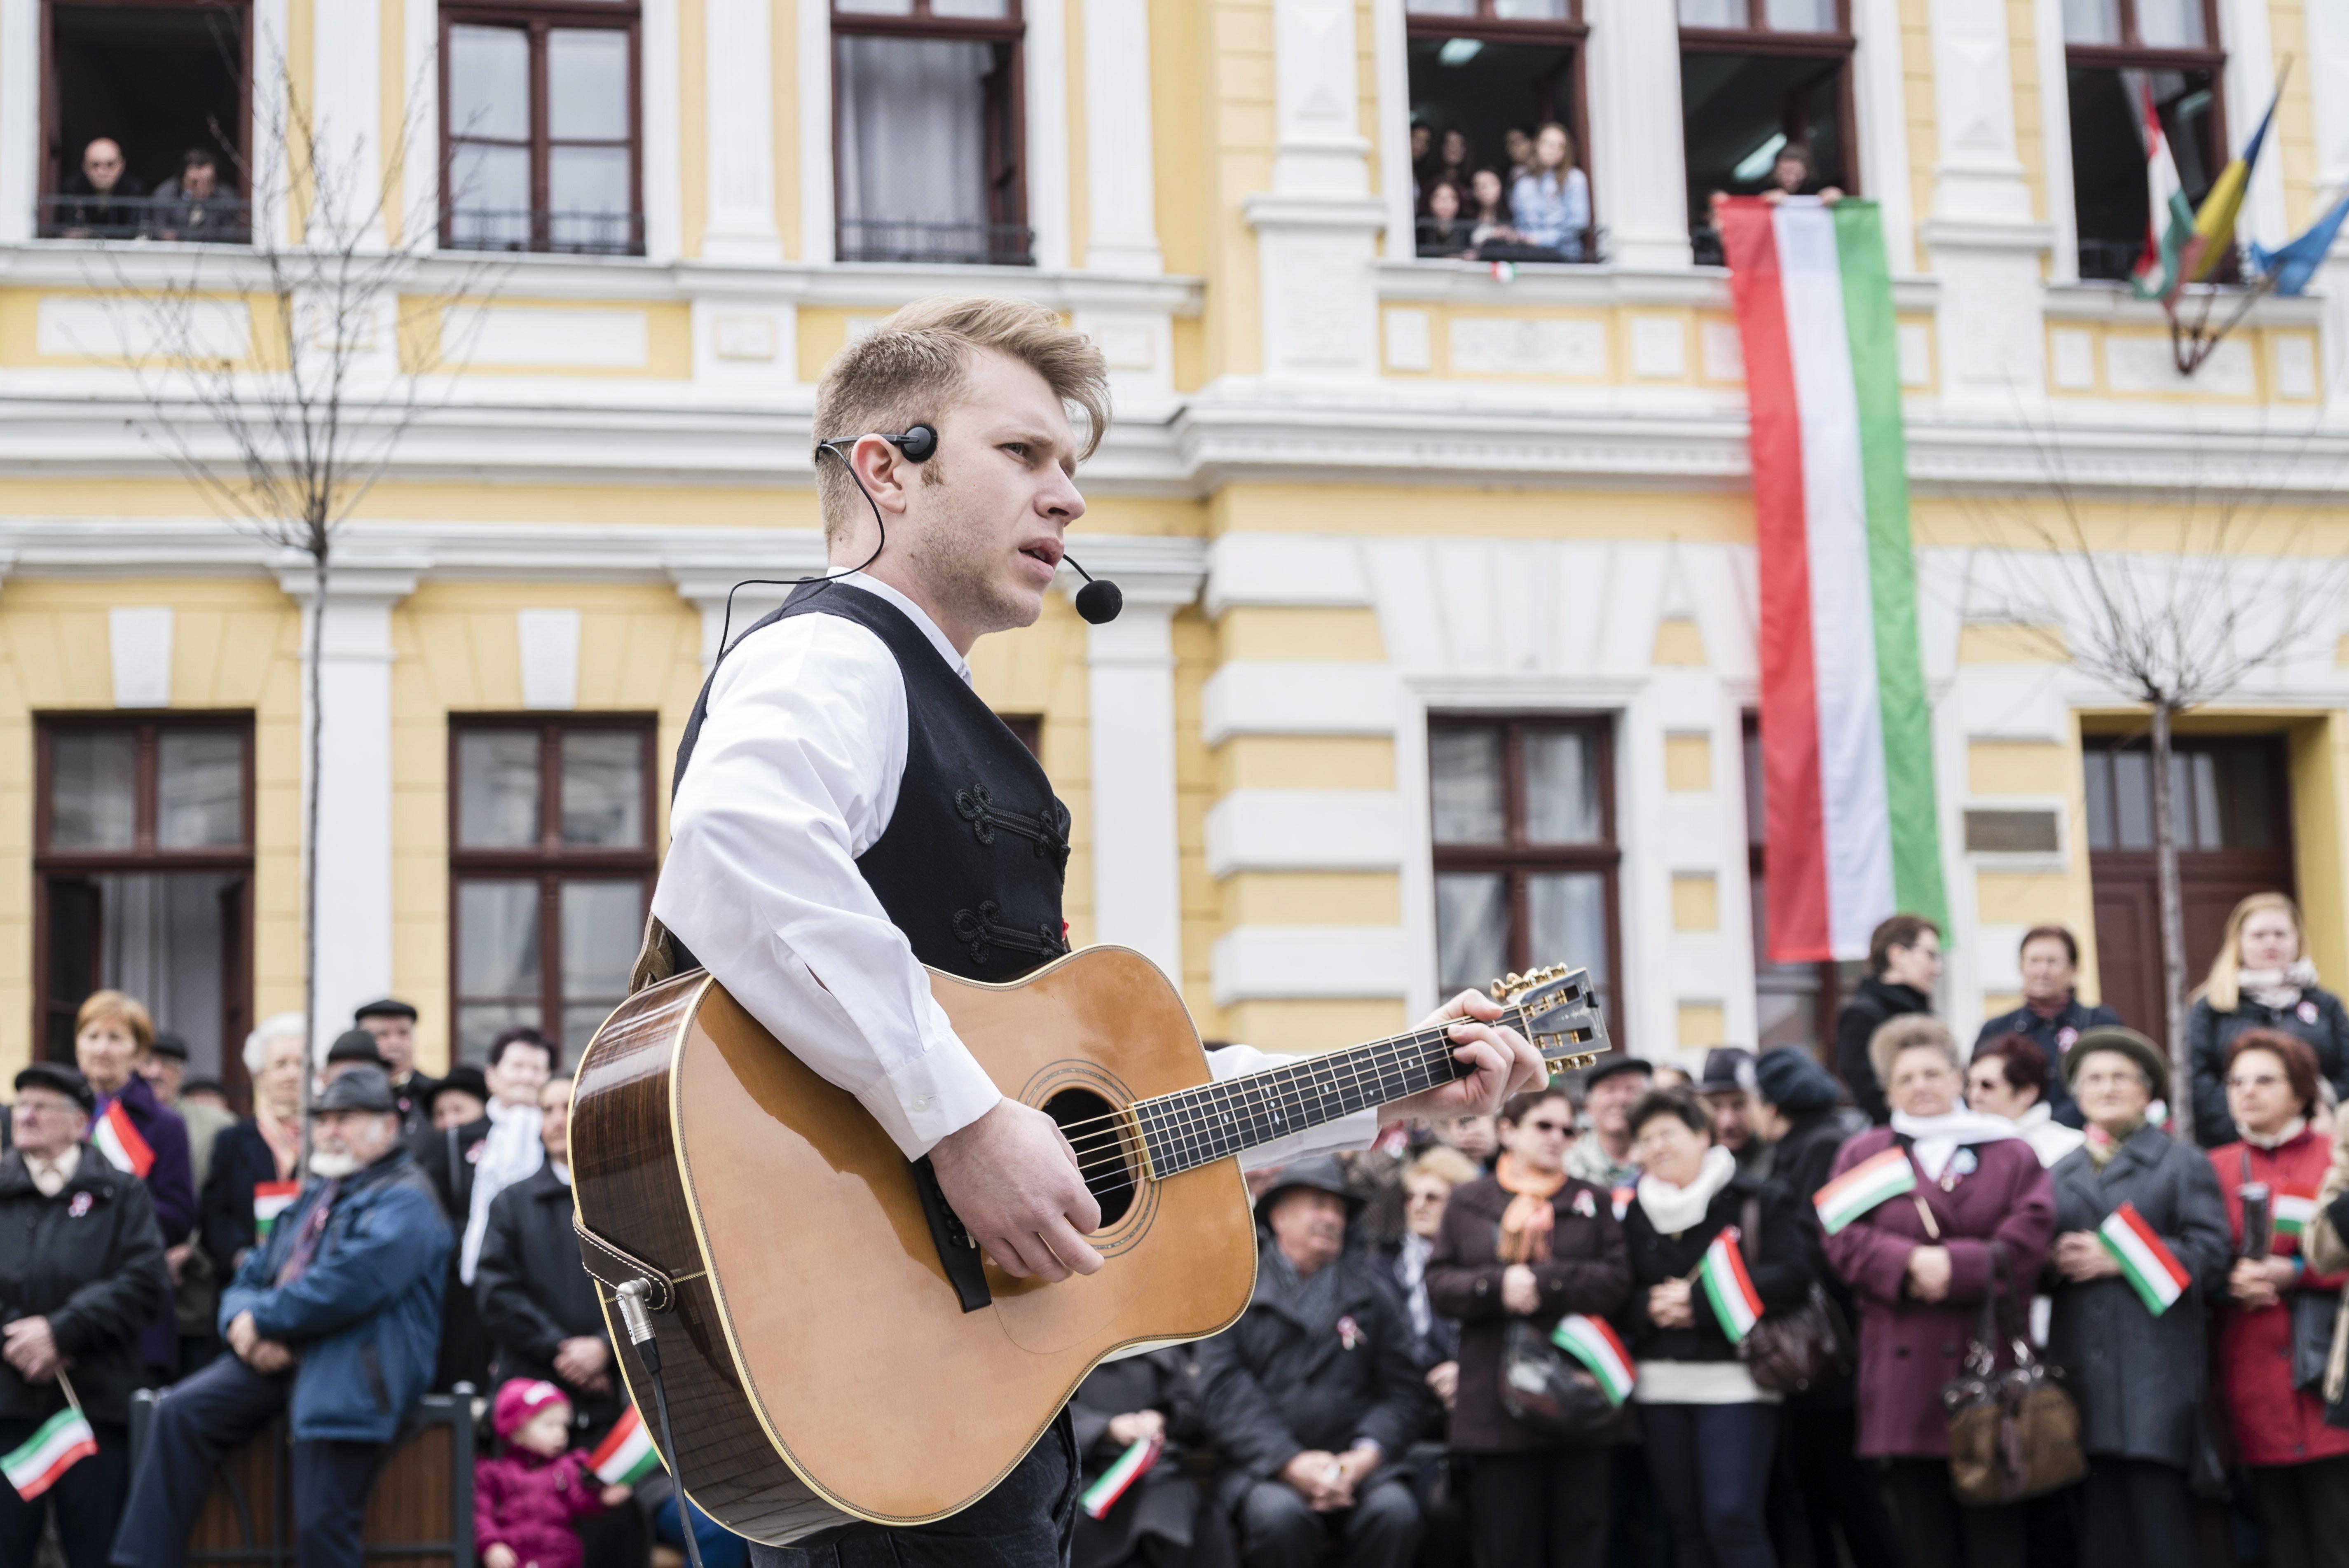 Kultúra felsőfokon: feldolgozás-rockzenekar turnéját is fizeti az állam, hadd művelődjenek a magyarock